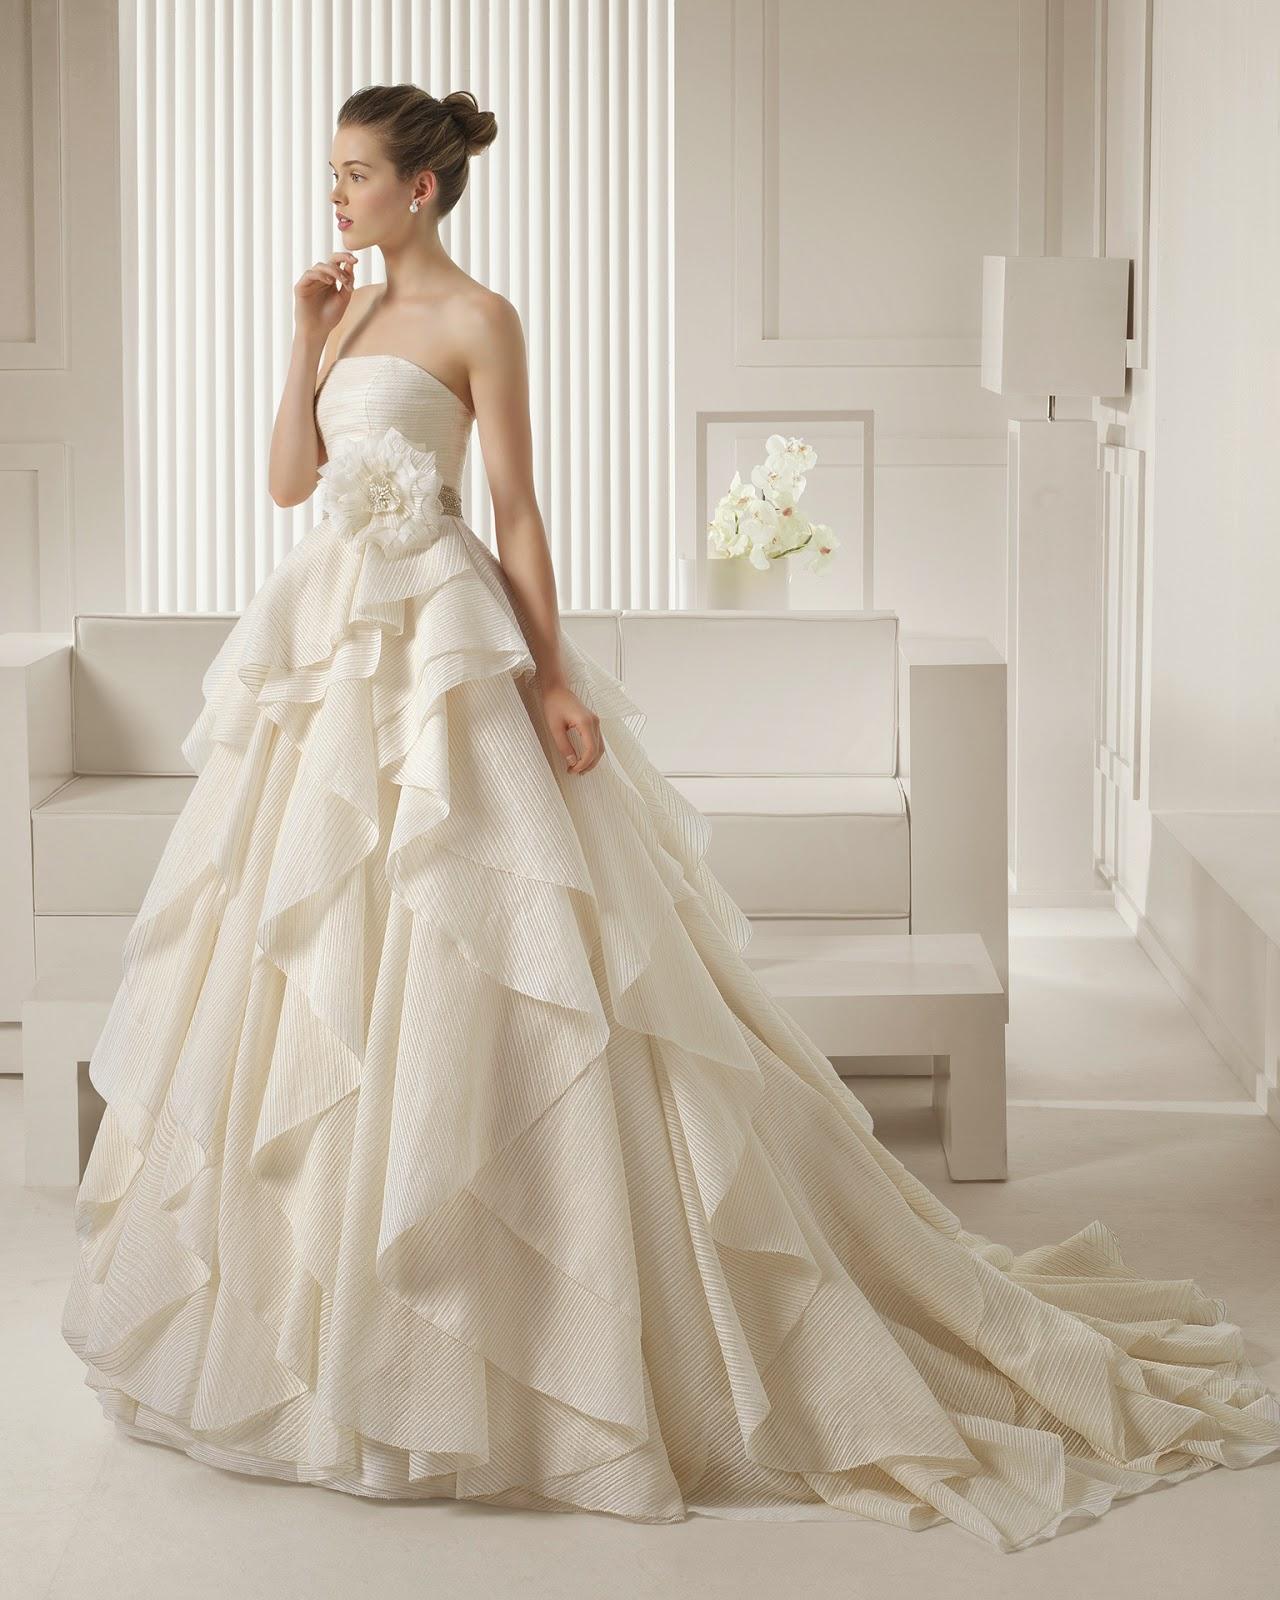 abito da sposa rinascimentale vestito sposa 2018 tendenze matrimonio langhe e roero.jpg